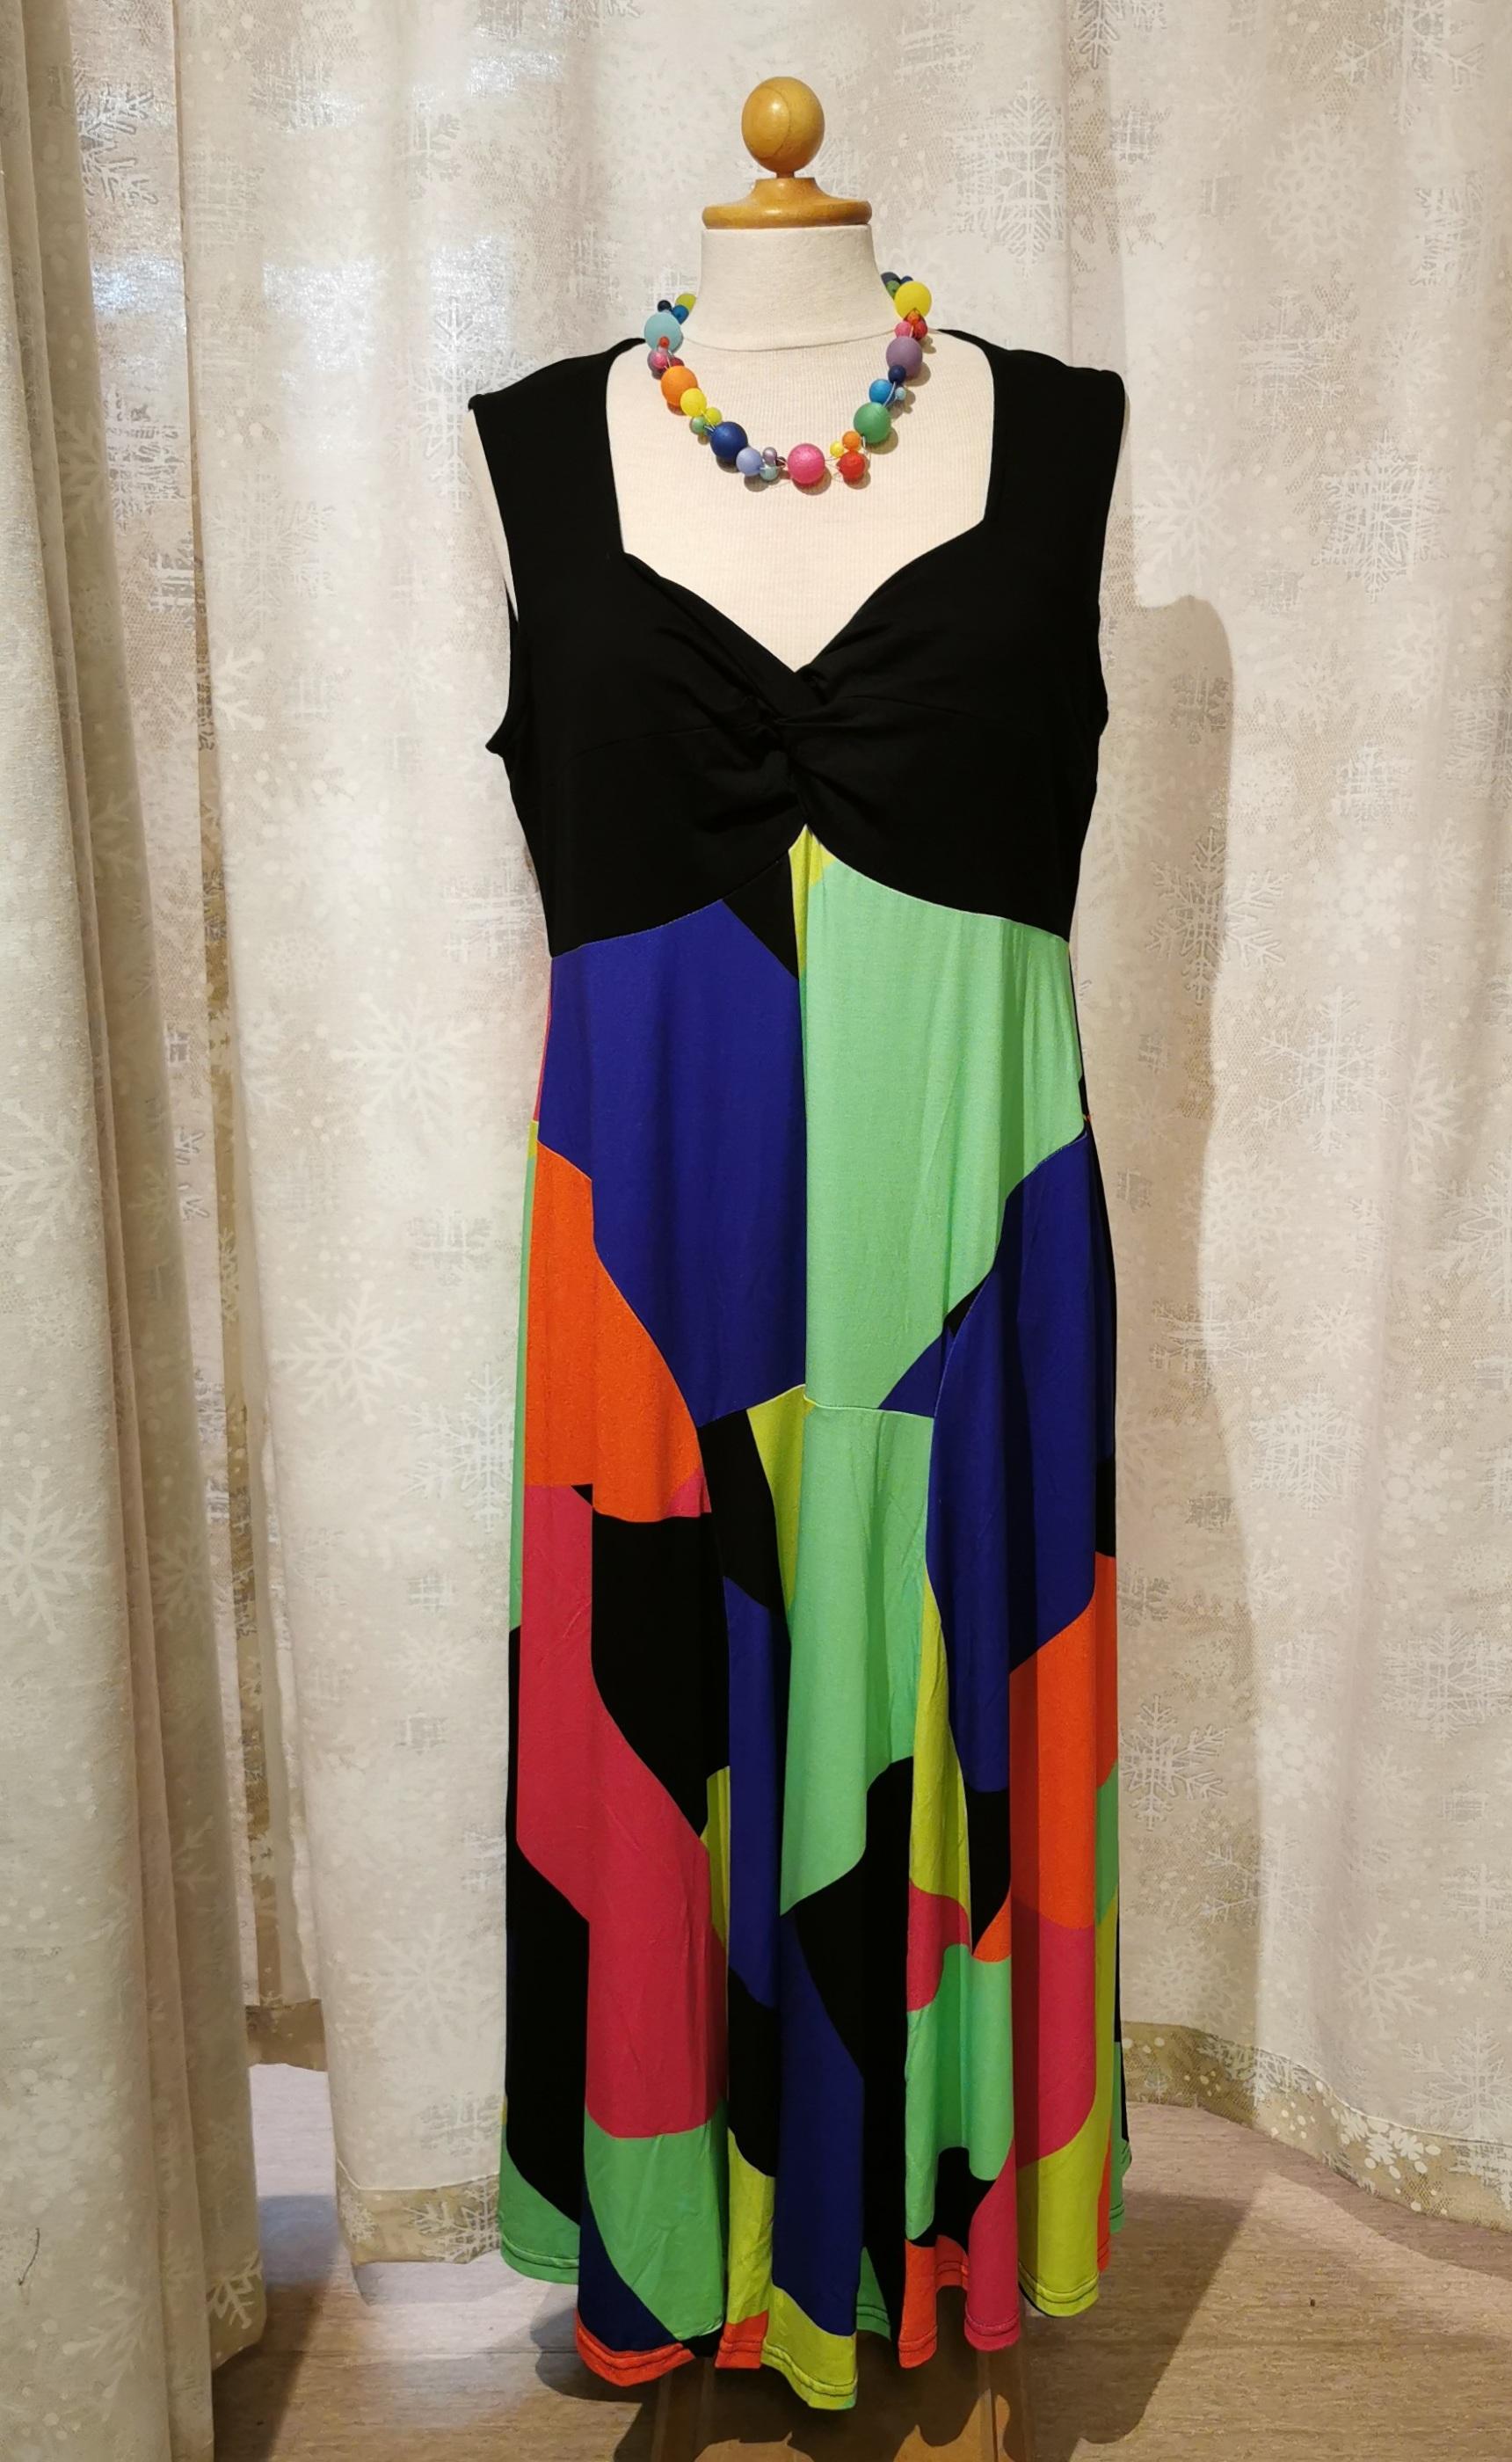 Baldino klänning 32-279K Size 44